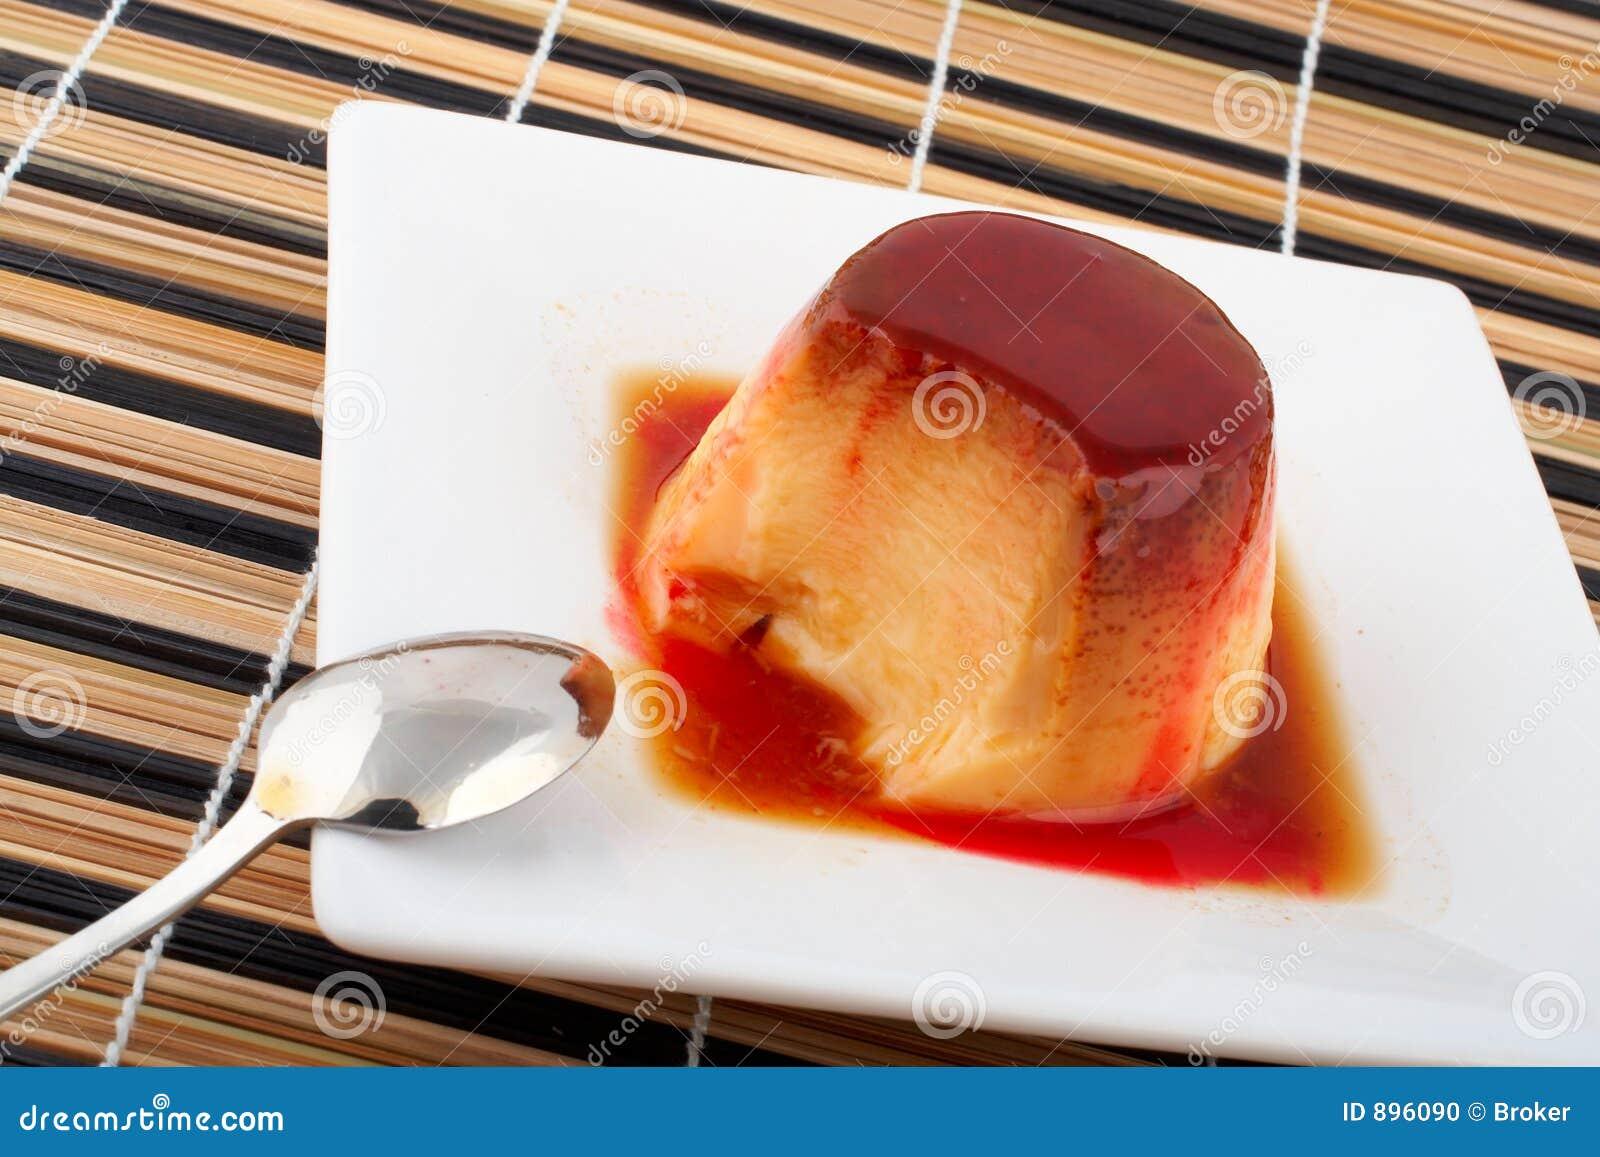 cr me de vanille et dessert de caramel avec la cuill re sur le parabolo de blanc photo stock. Black Bedroom Furniture Sets. Home Design Ideas